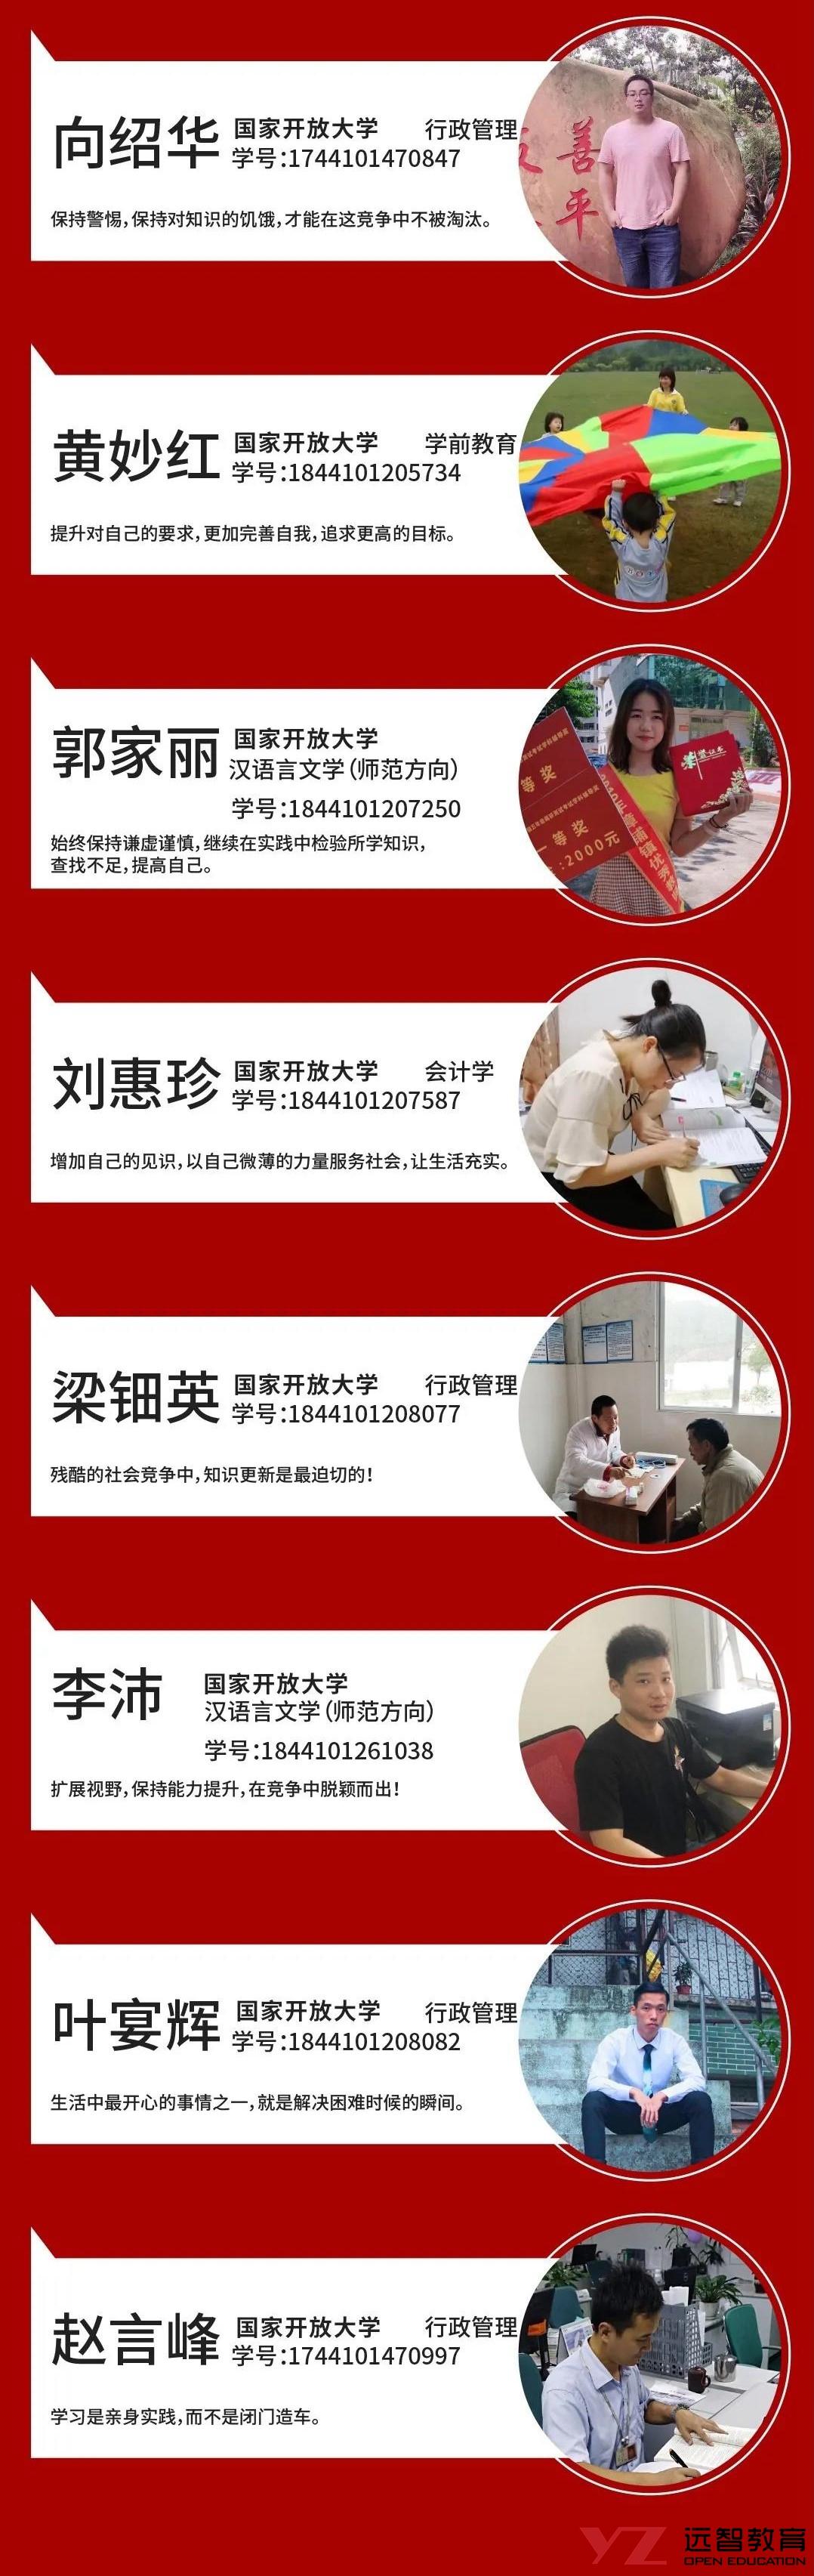 远智教育,国家开放大学,学历提升,专升本,成考